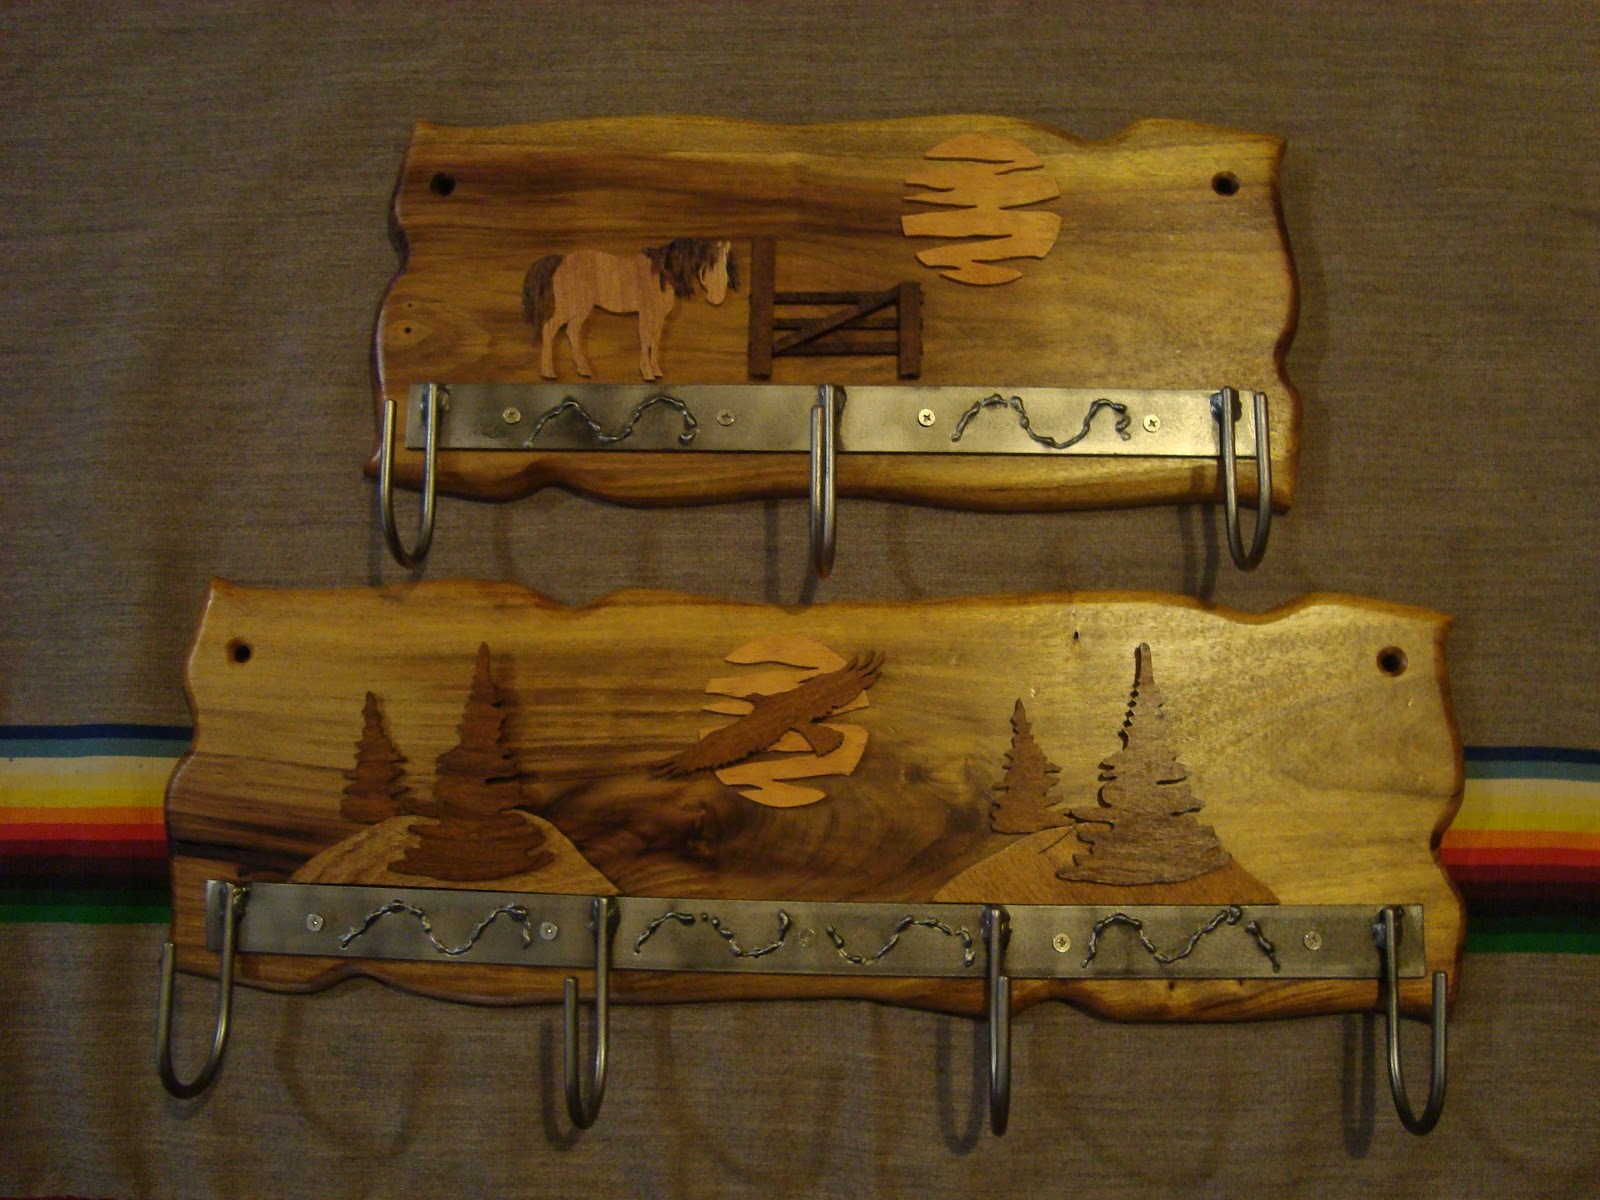 El olivo artesanias nuevos productos y modelos percheros for Fotos en madera